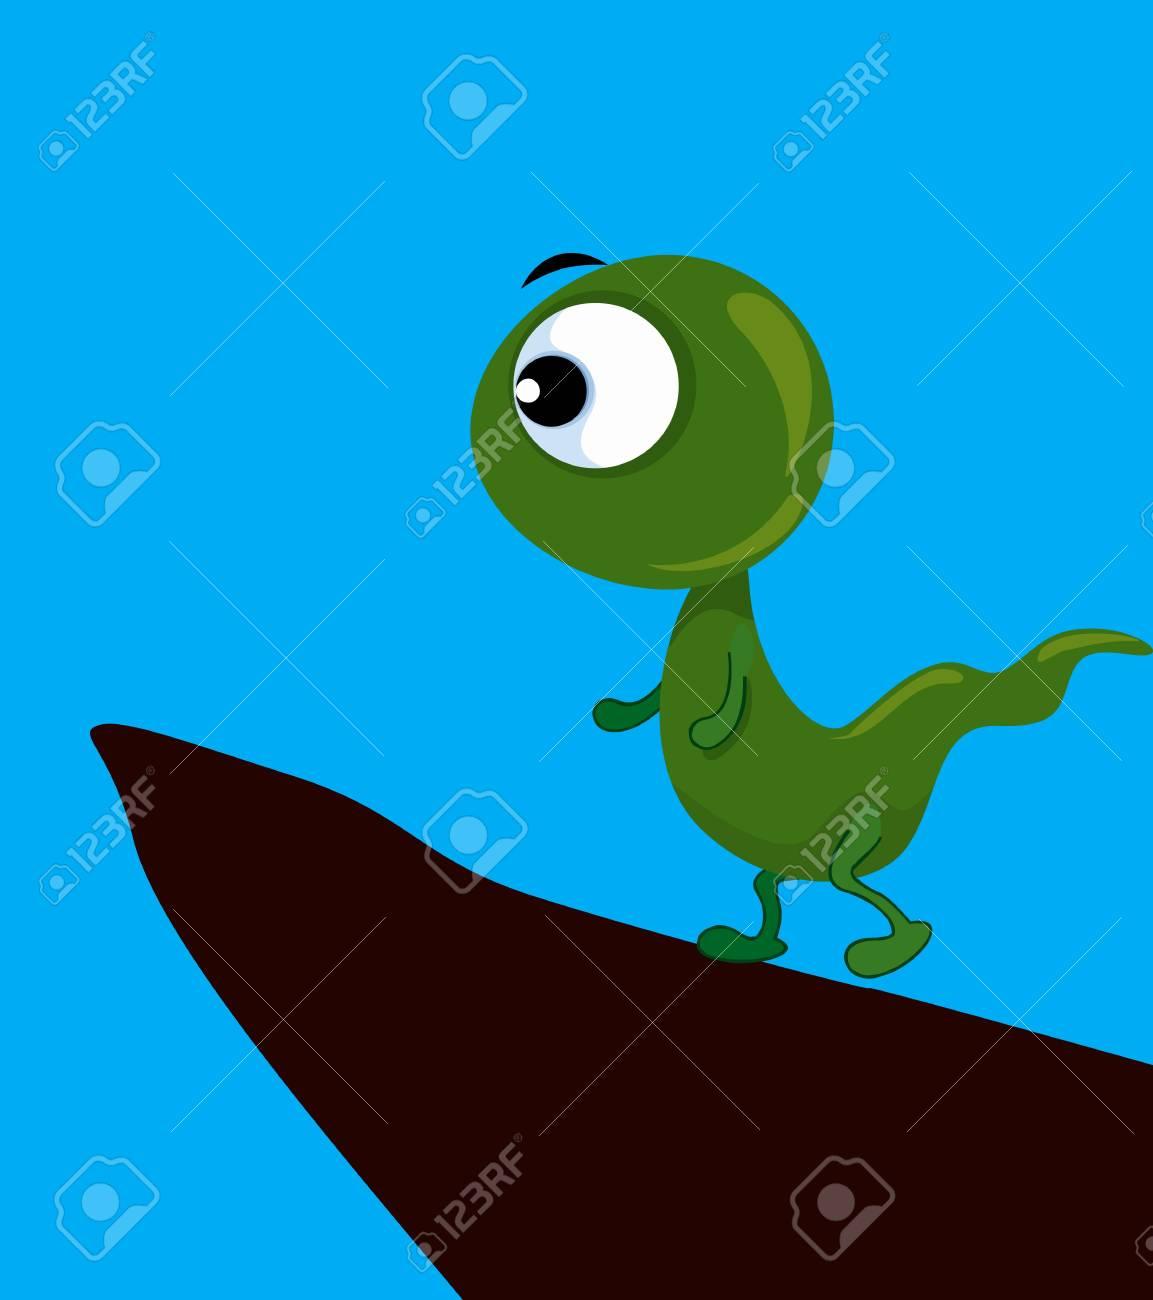 Illustration of dinosaur climbing hill Stock Illustration - 3388395